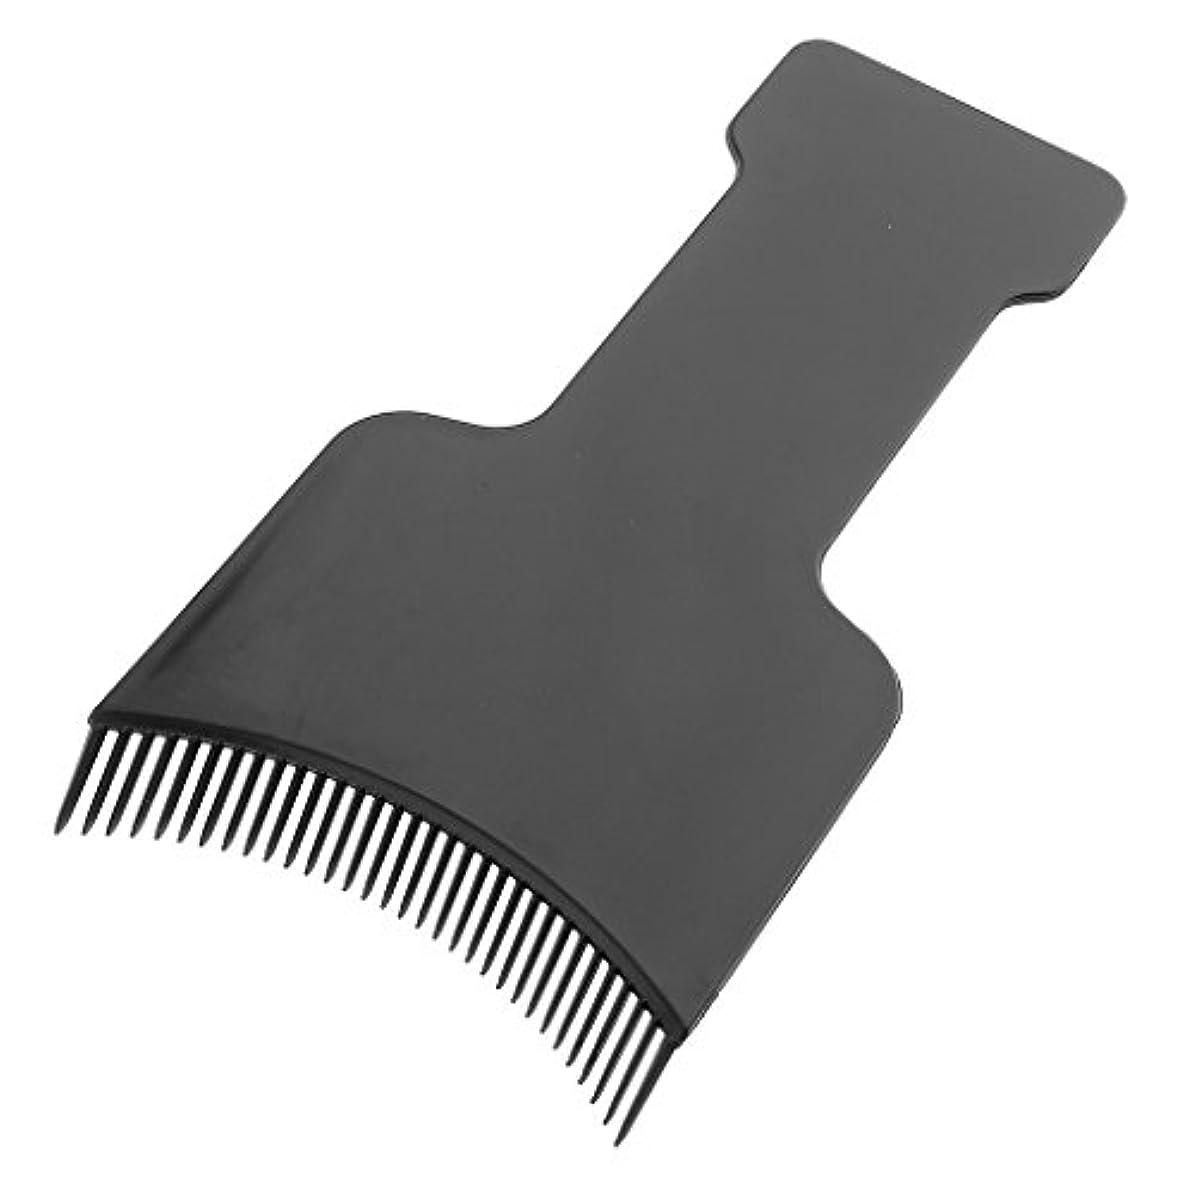 認識サイバースペース現代のBlesiya 染色ティントプレート ヘアカラー ボード 美容 ヘア ツール 髪 保護 ブラック 実用 便利 全4サイズ  - S